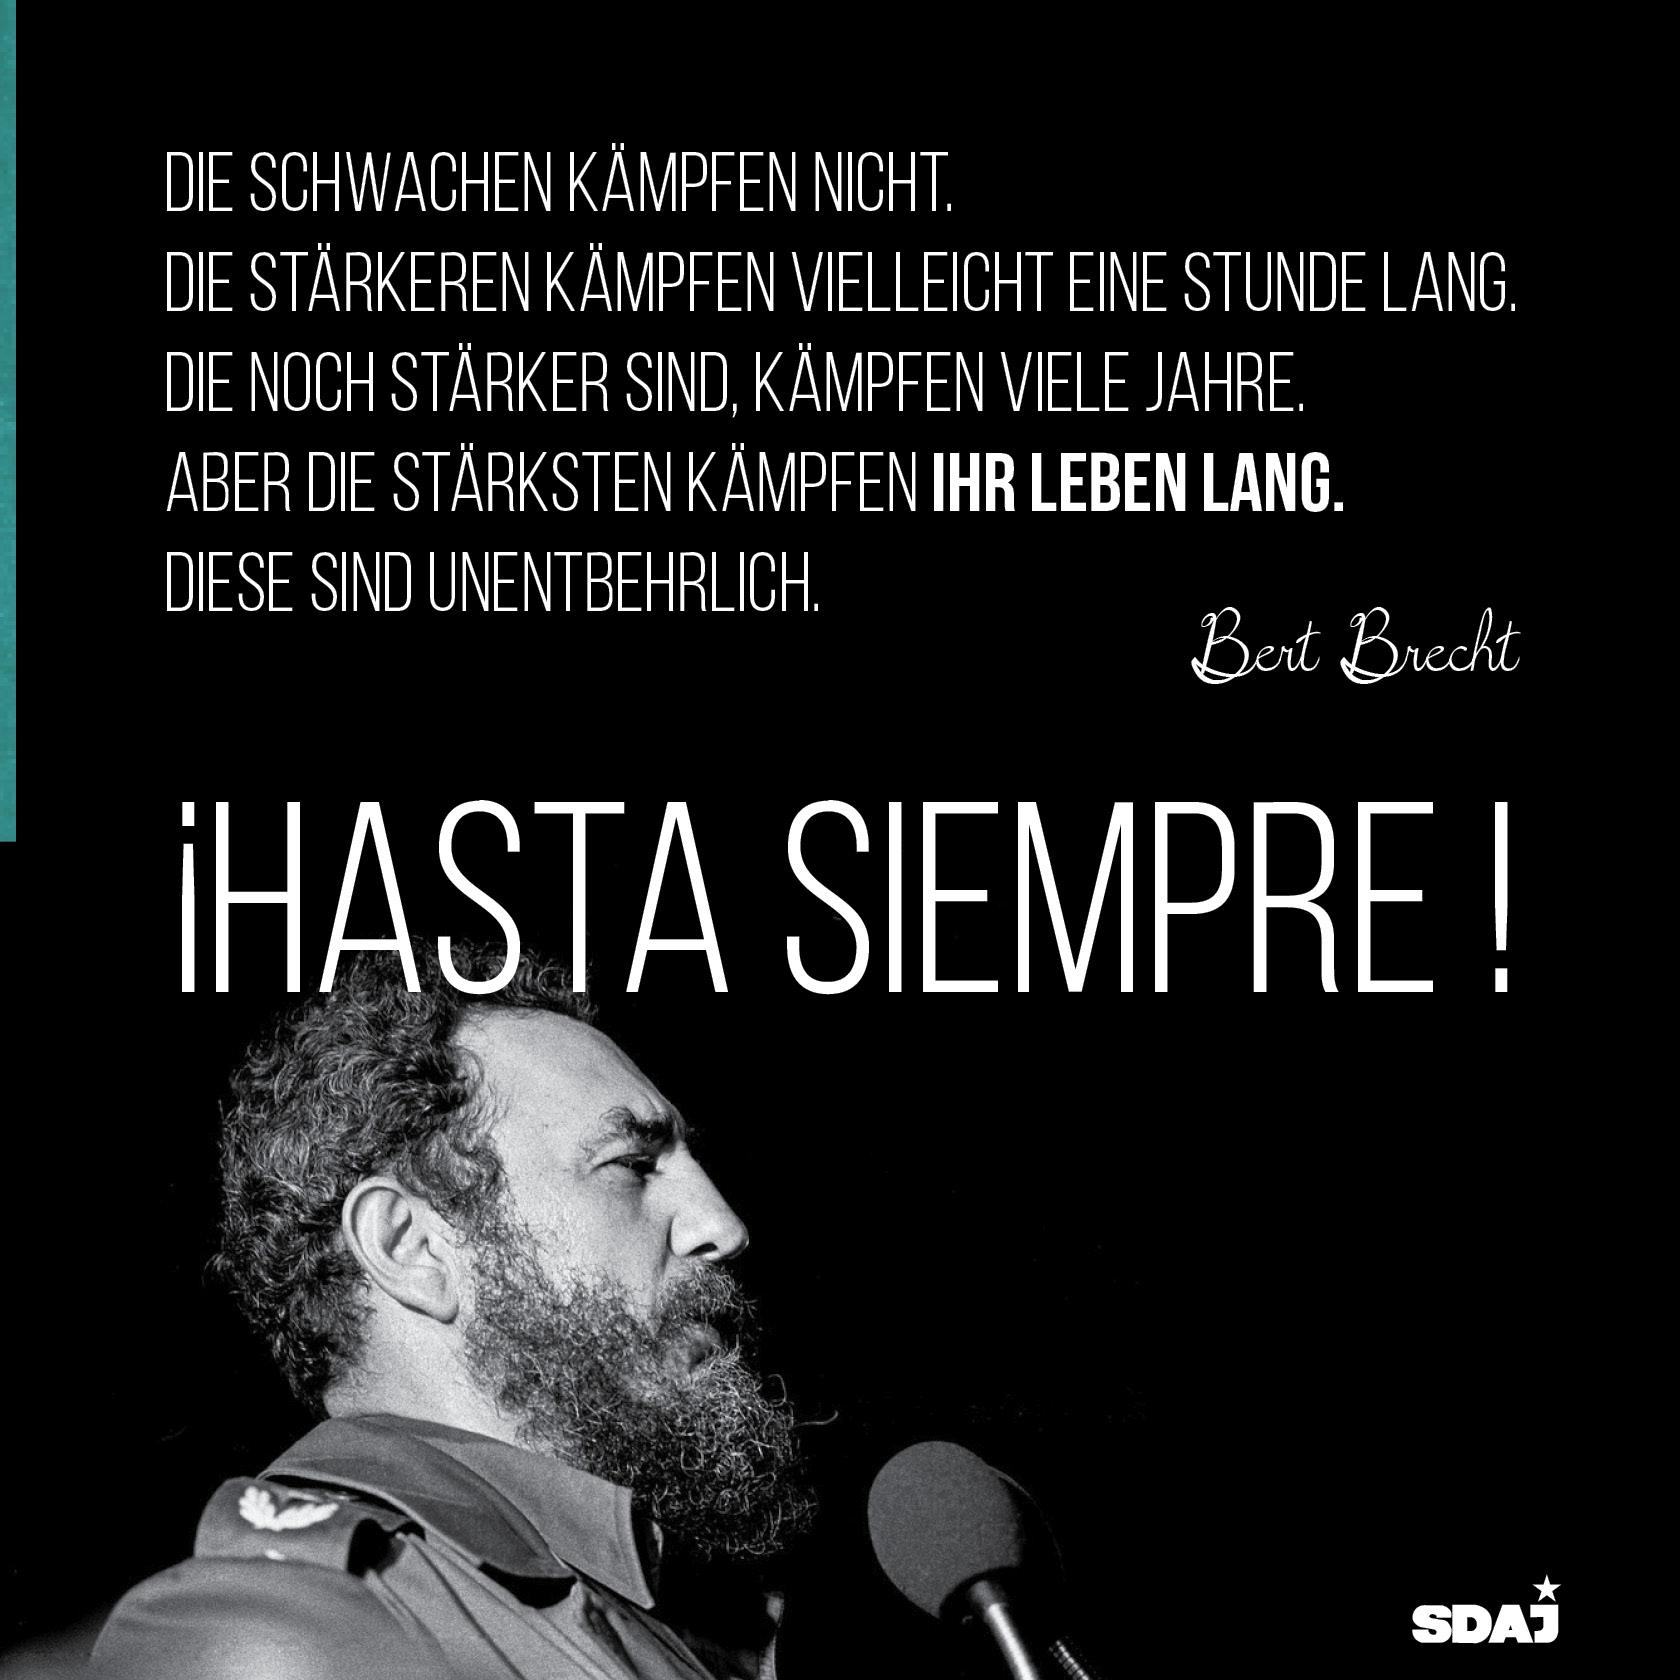 Fidel Castro ist tot – der Kampf geht weiter!